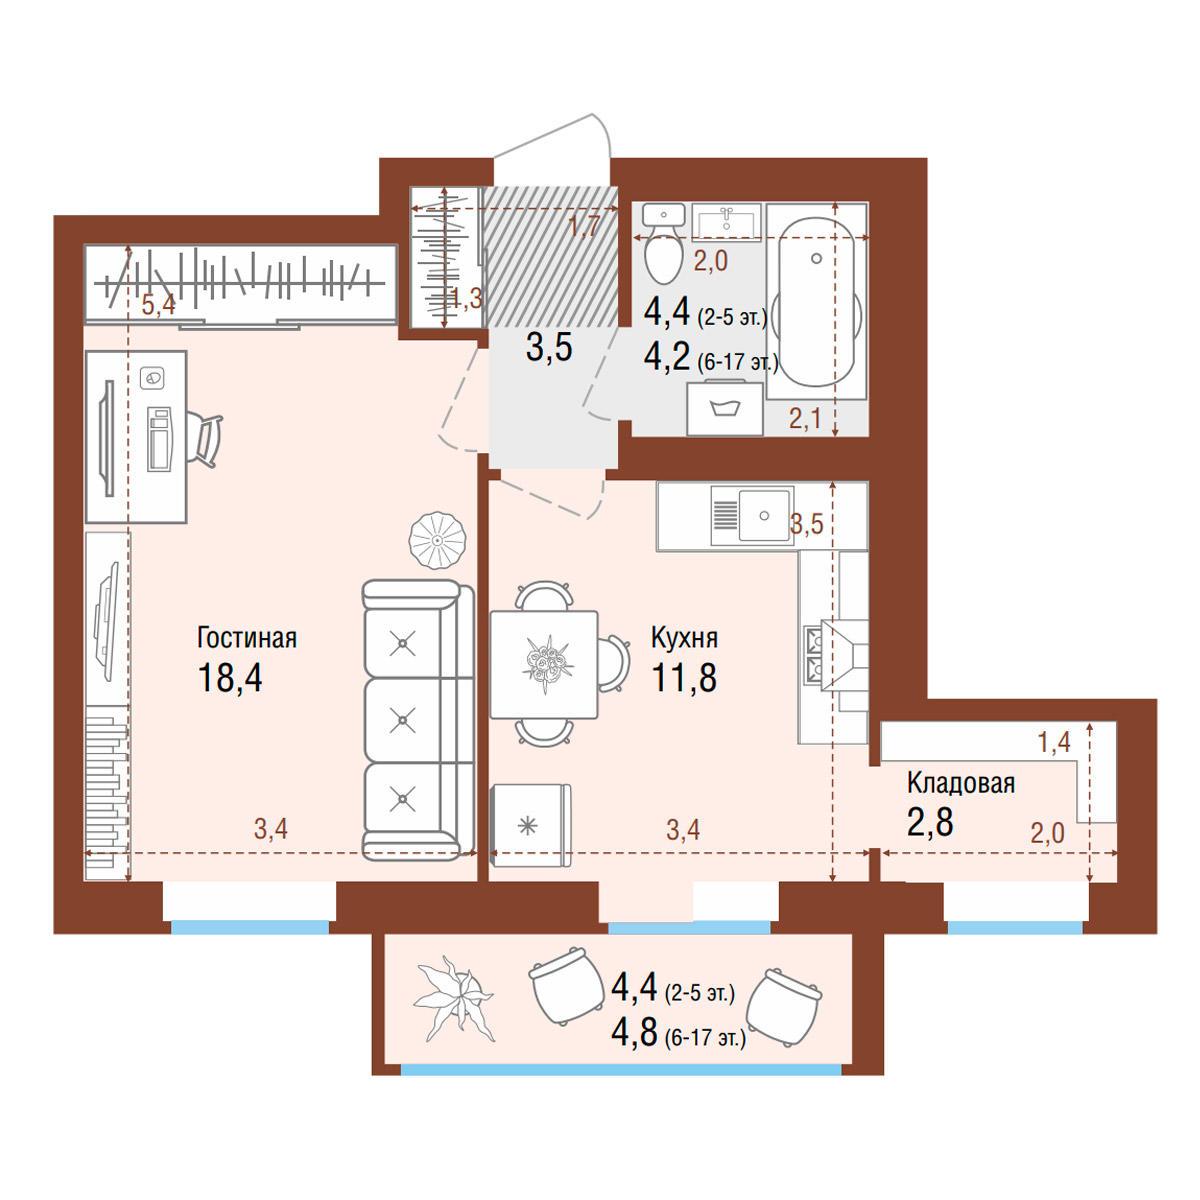 Планировка 1-комнатная площадью 45.5 м<sup>2</sup> в ЖК Одесса